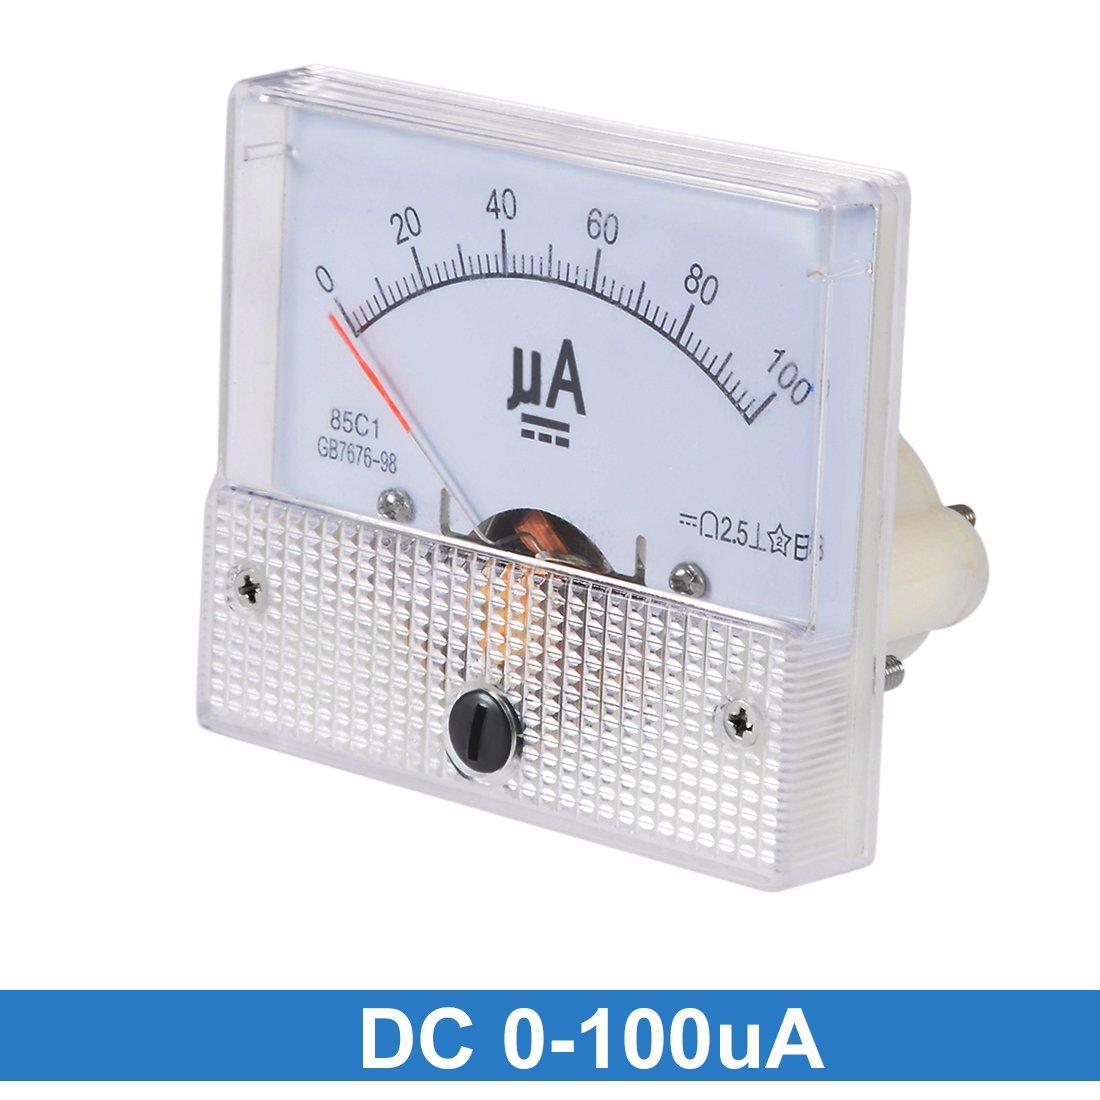 sourcing map 1stk 65C5 Analog Strom Panelmeter DC 30A Amperemeter f/ür Schaltungspr/üfung DE de